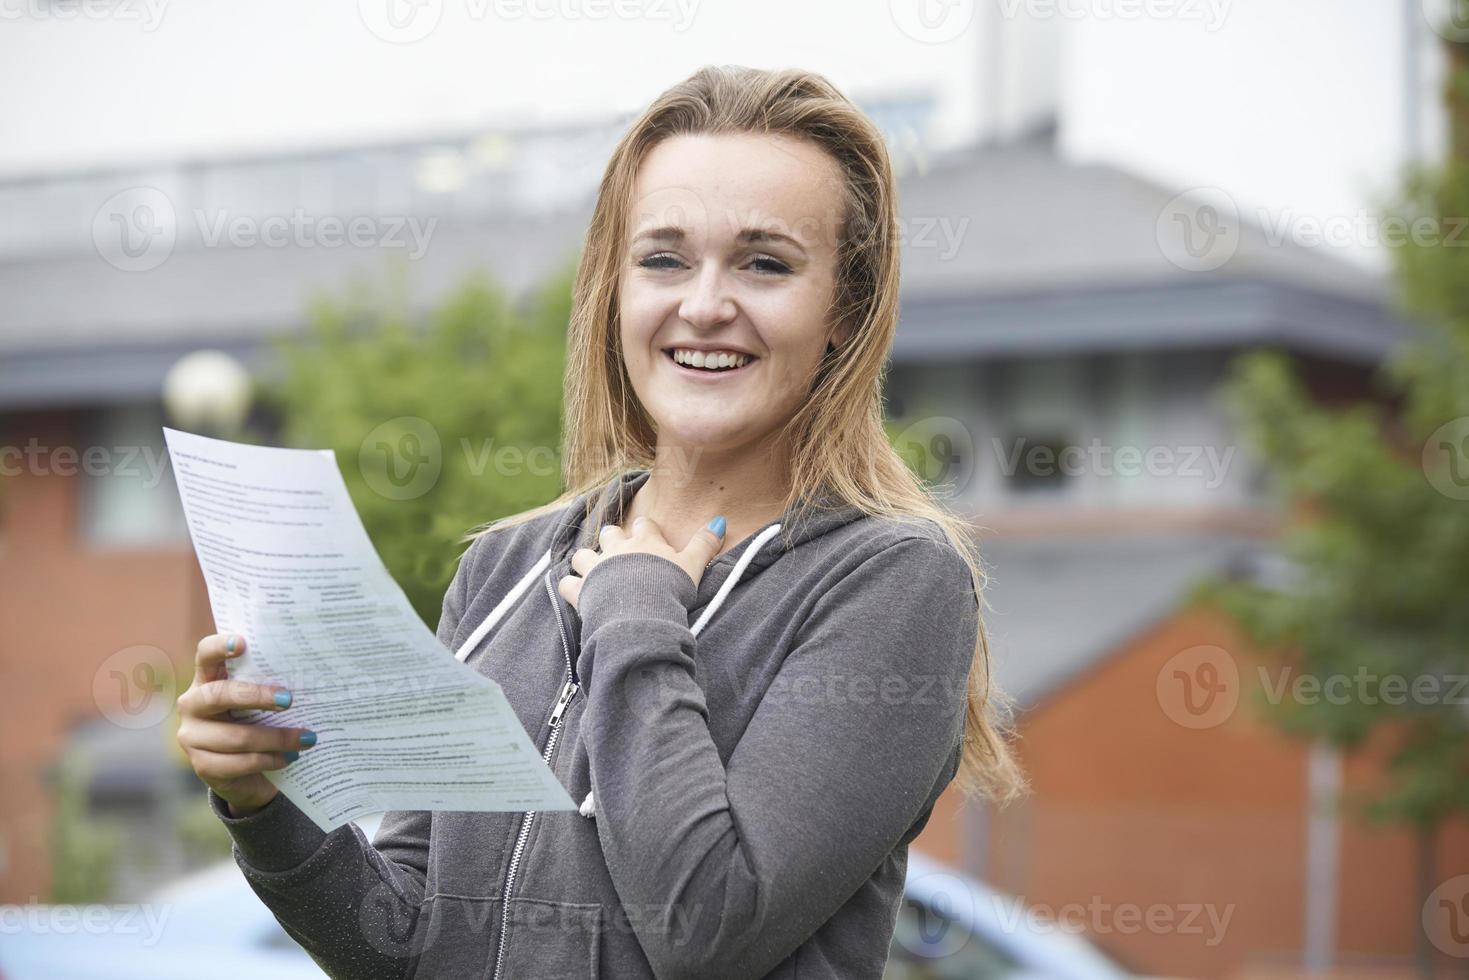 tienermeisje blij met goede examenresultaten foto